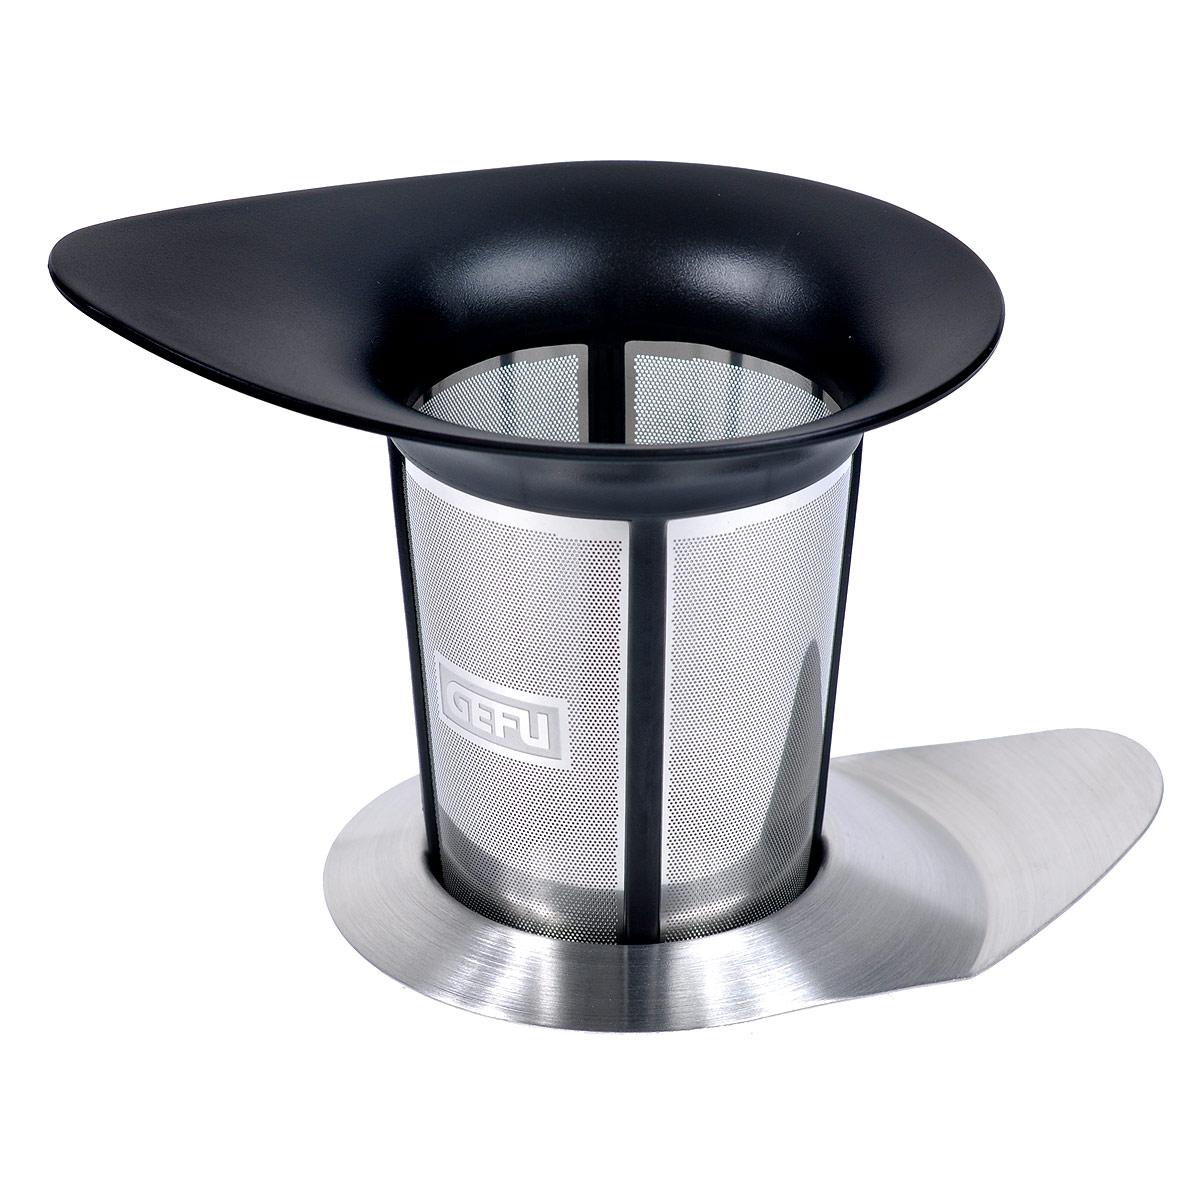 Сито для заваривания чая Gefu Армониа54 009312Сито Gefu Армониа, выполненное из высококачественного пластика черного цвета и нержавеющей стали прекрасно подойдет для заваривания чая прям в чашке. Насладитесь неповторимой чайной церемонией, используя фильтр Армониа, который можно поместить в чашку или в чайник. Несмотря на большой объем, Армониа обеспечивает насыщенный аромат и прекрасный вкус, так как имеет особую структуру микрофильтрации. Любители чая непременно оценят изящную и функциональную крышку из нержавеющей стали, которая сохранит аромат, а так же пригодится как подставка, на которую можно поместить фильтр после использования.Можно мыть в посудомоечной машине. Характеристики:Материал: высококачественный пластик, нержавеющая сталь. Размер сито: 12 см х9 см х 9,3 см. Размер крышки: 11,5 см х 8 см х 1 см. Цвет: серебристый, черный. Артикул: 12900.